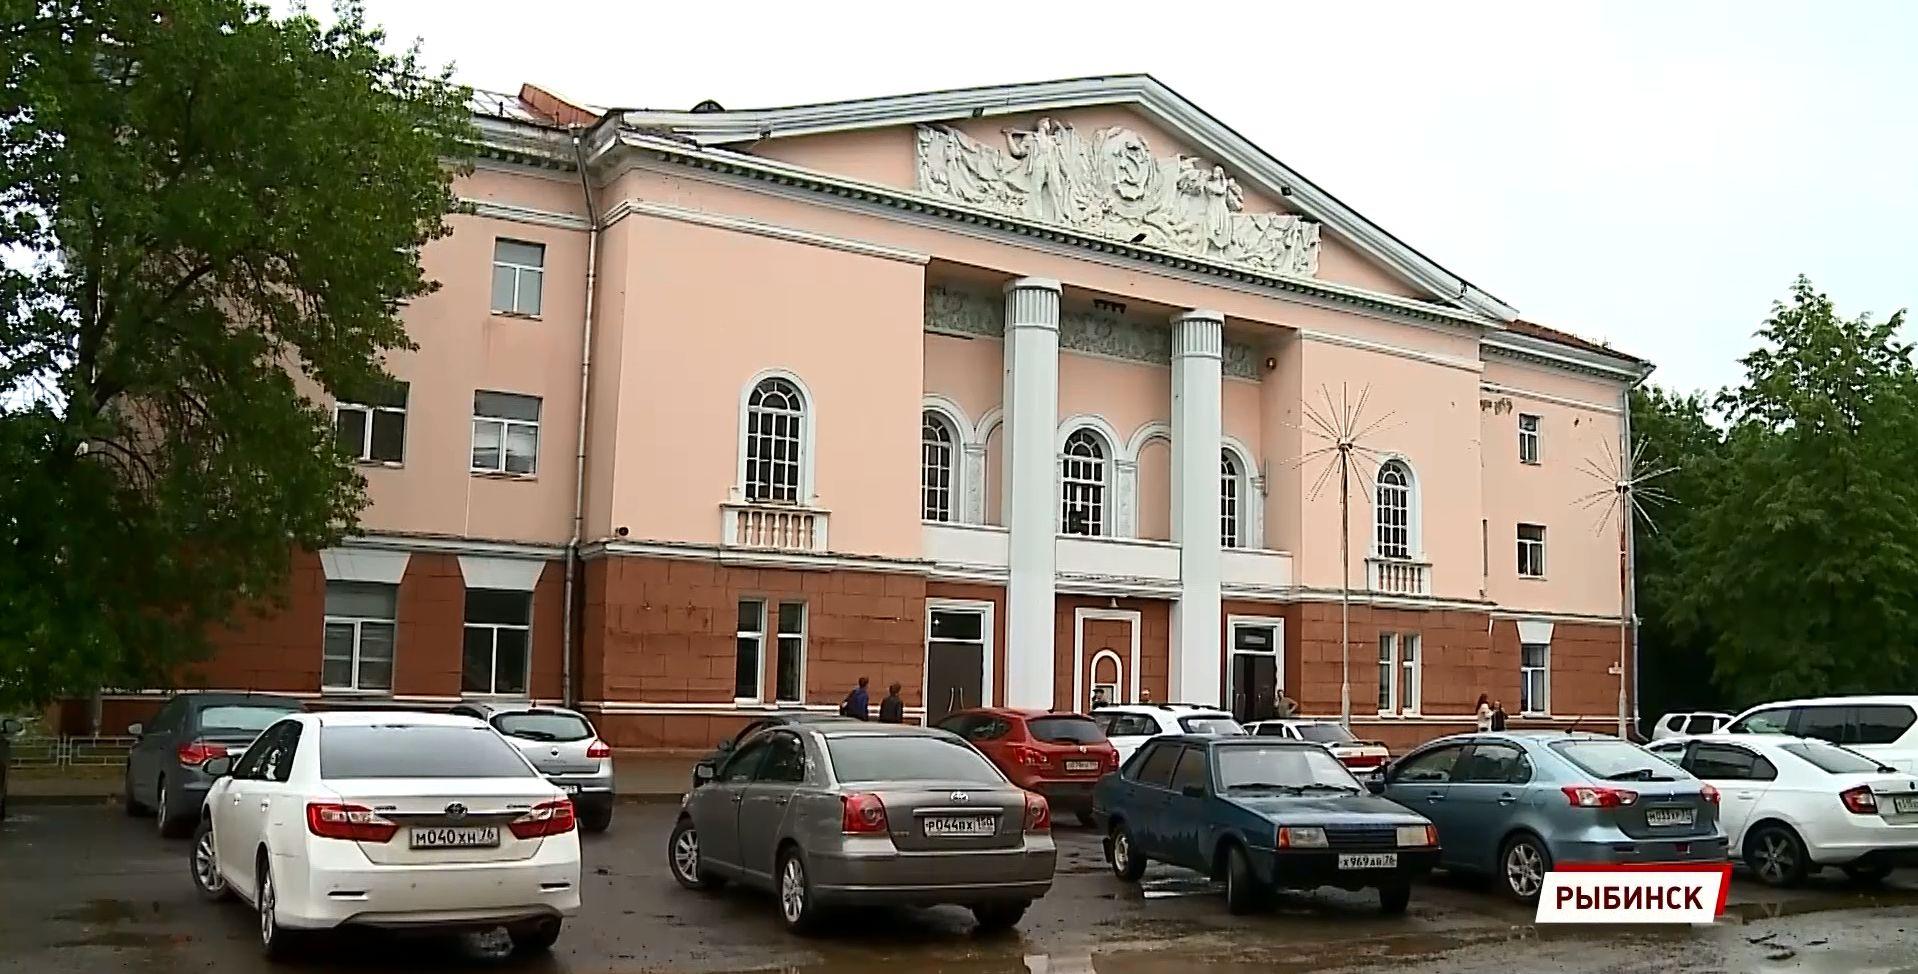 Новый Дворец молодёжи открыли в Рыбинске